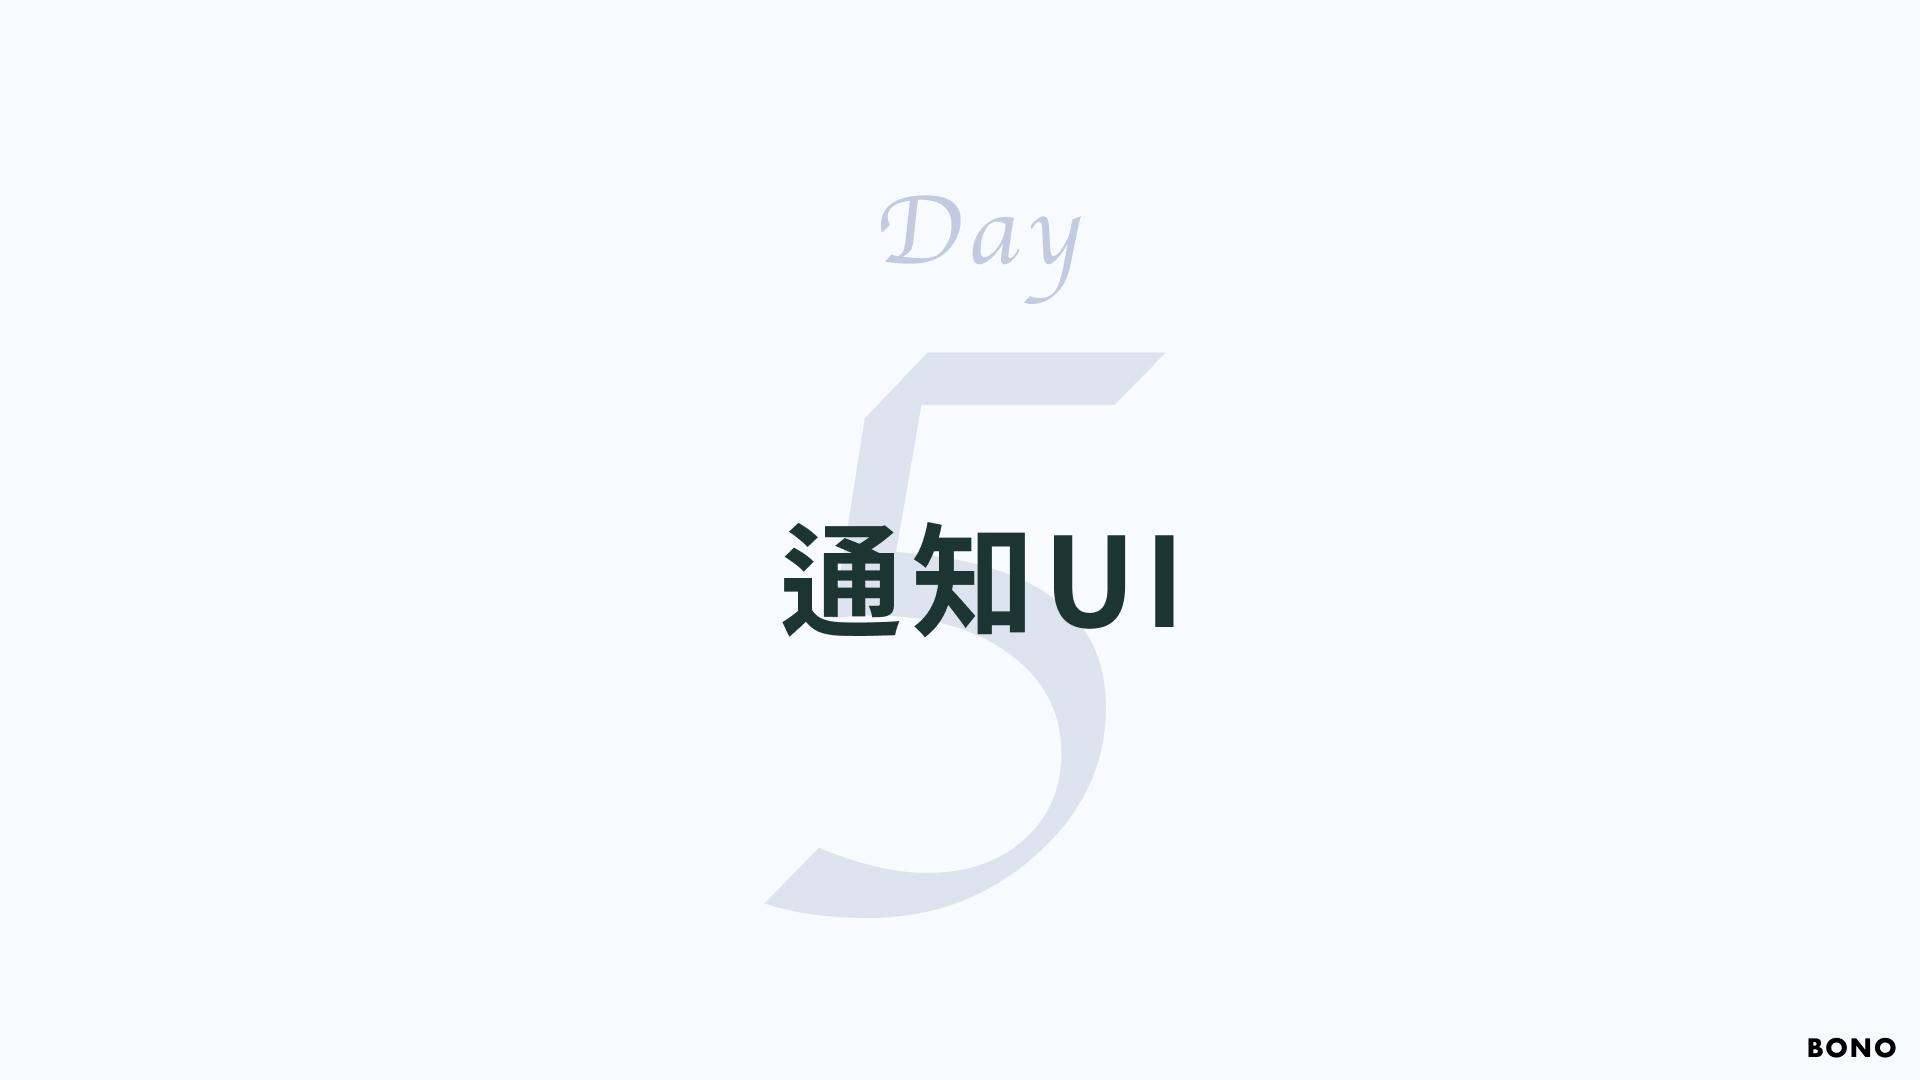 【Daily音声SNS】DAY5-お題